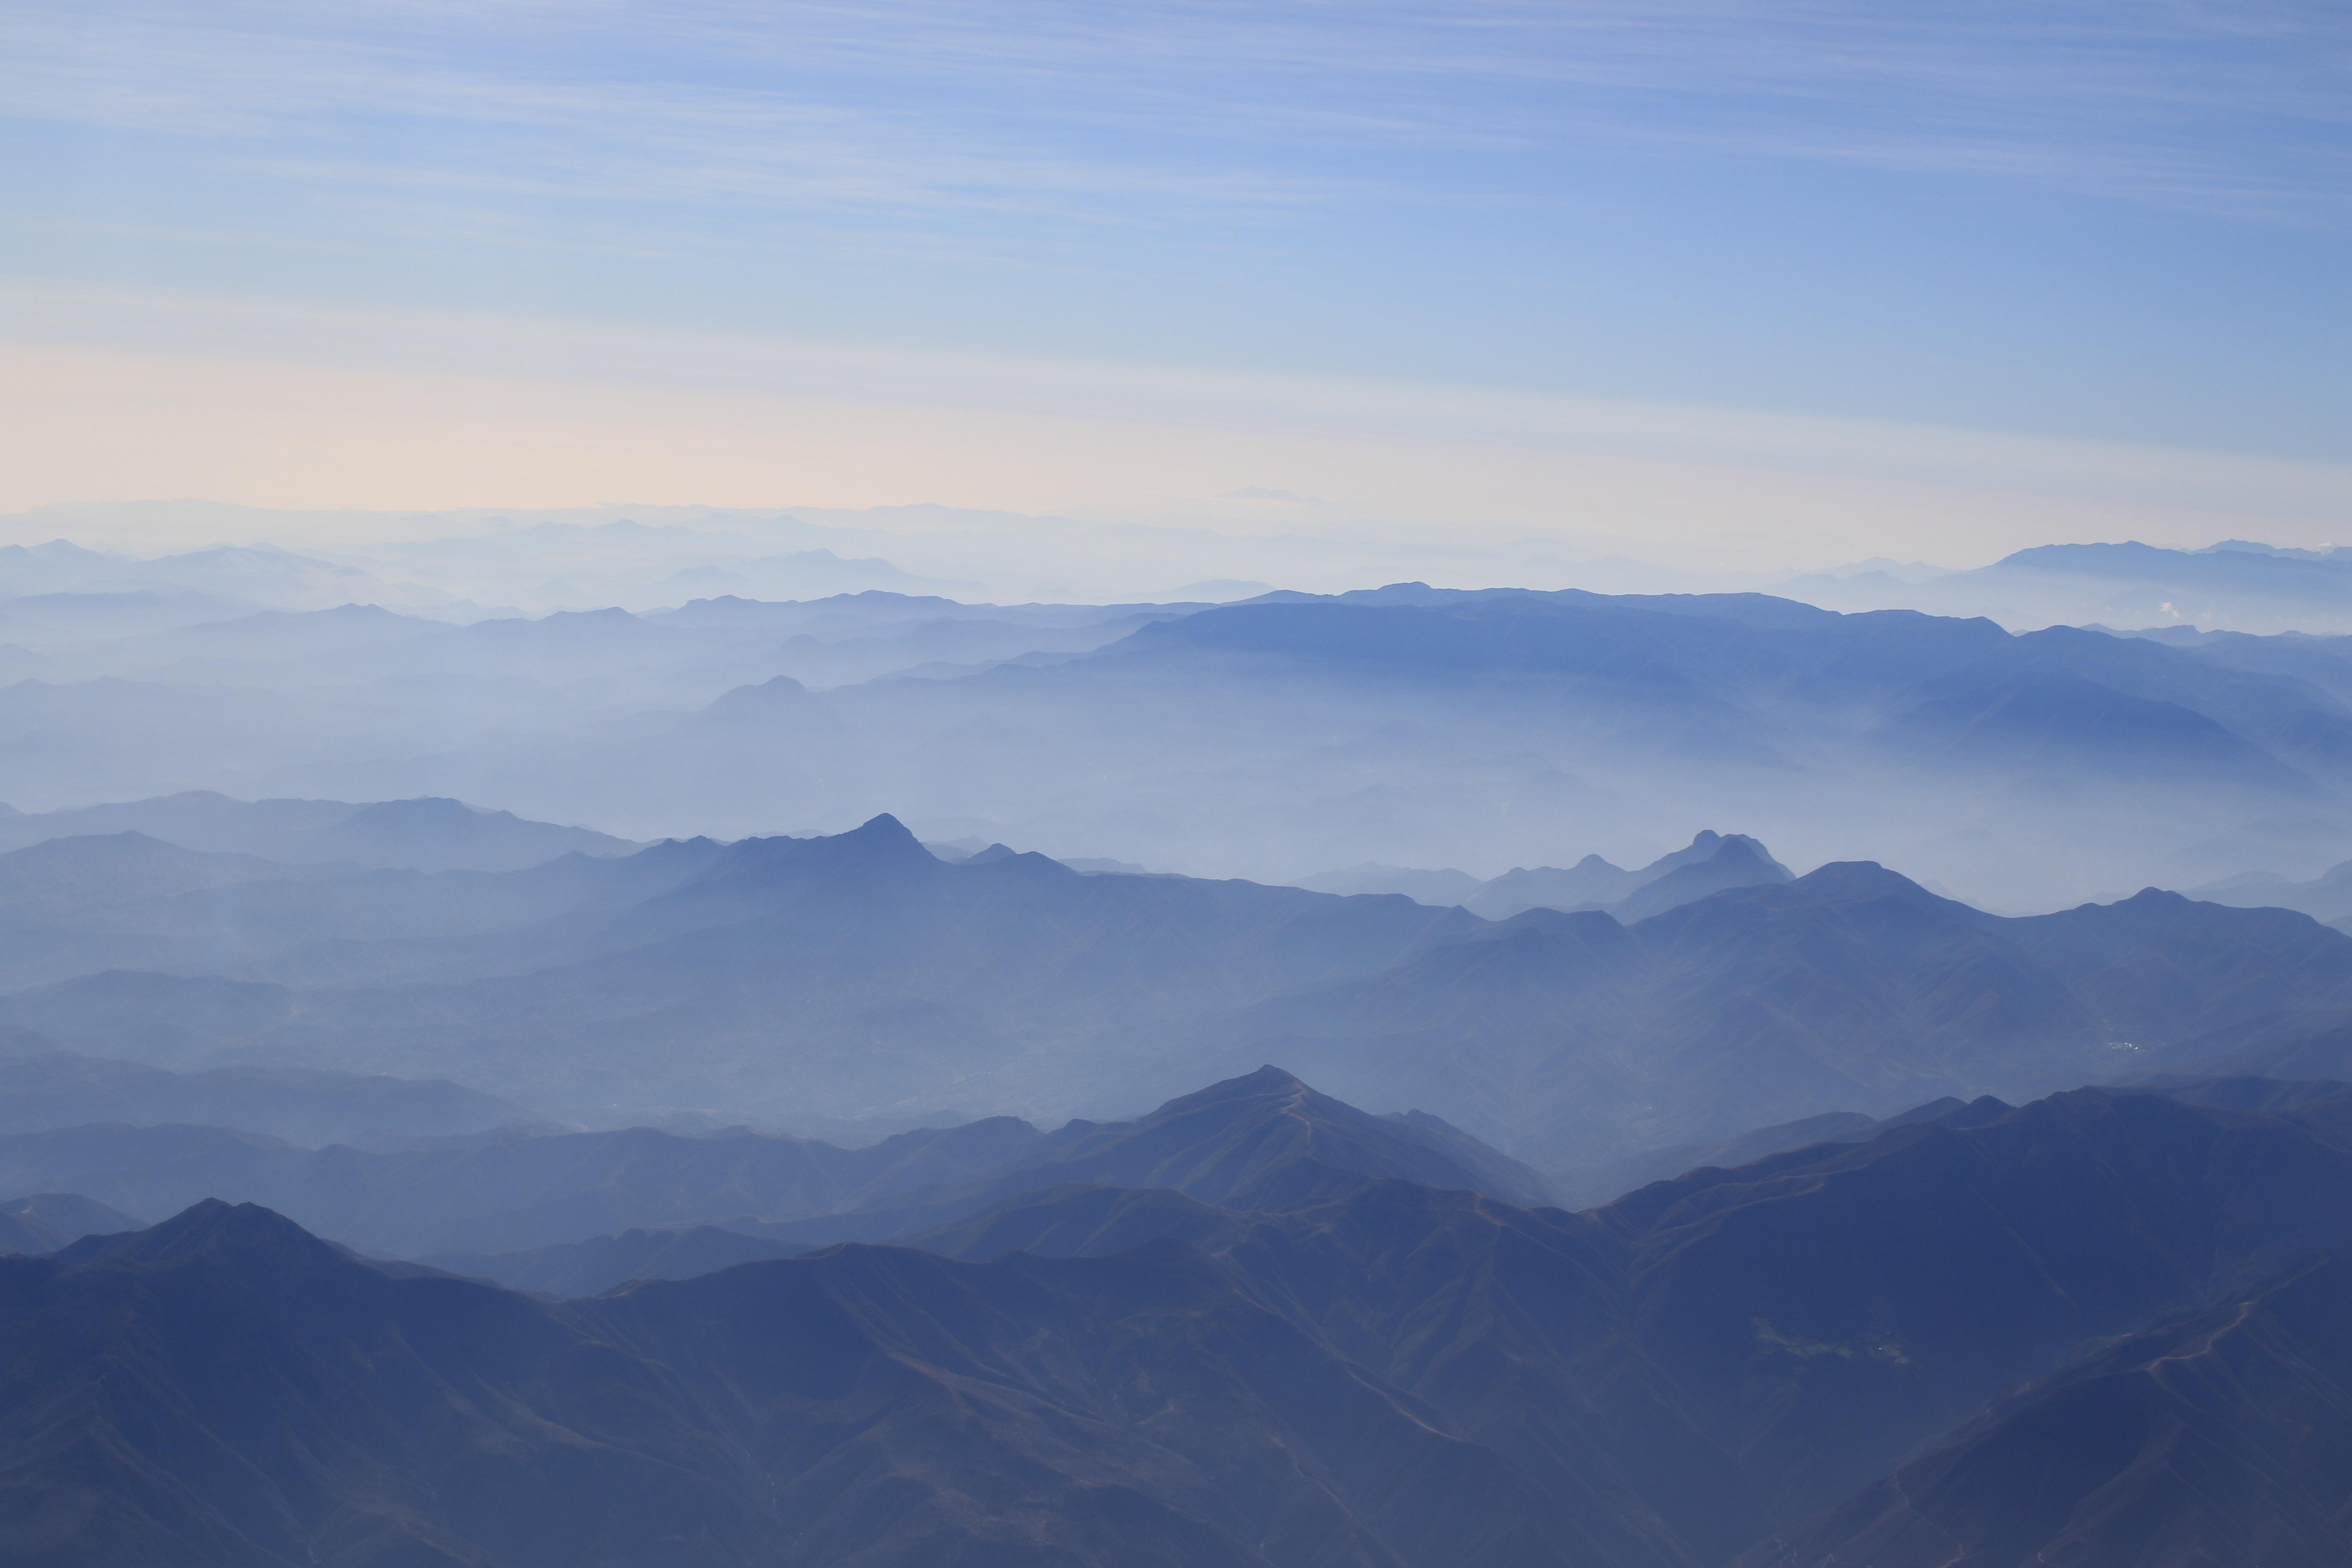 A vast landscape dominated by hazy blue mountain folds